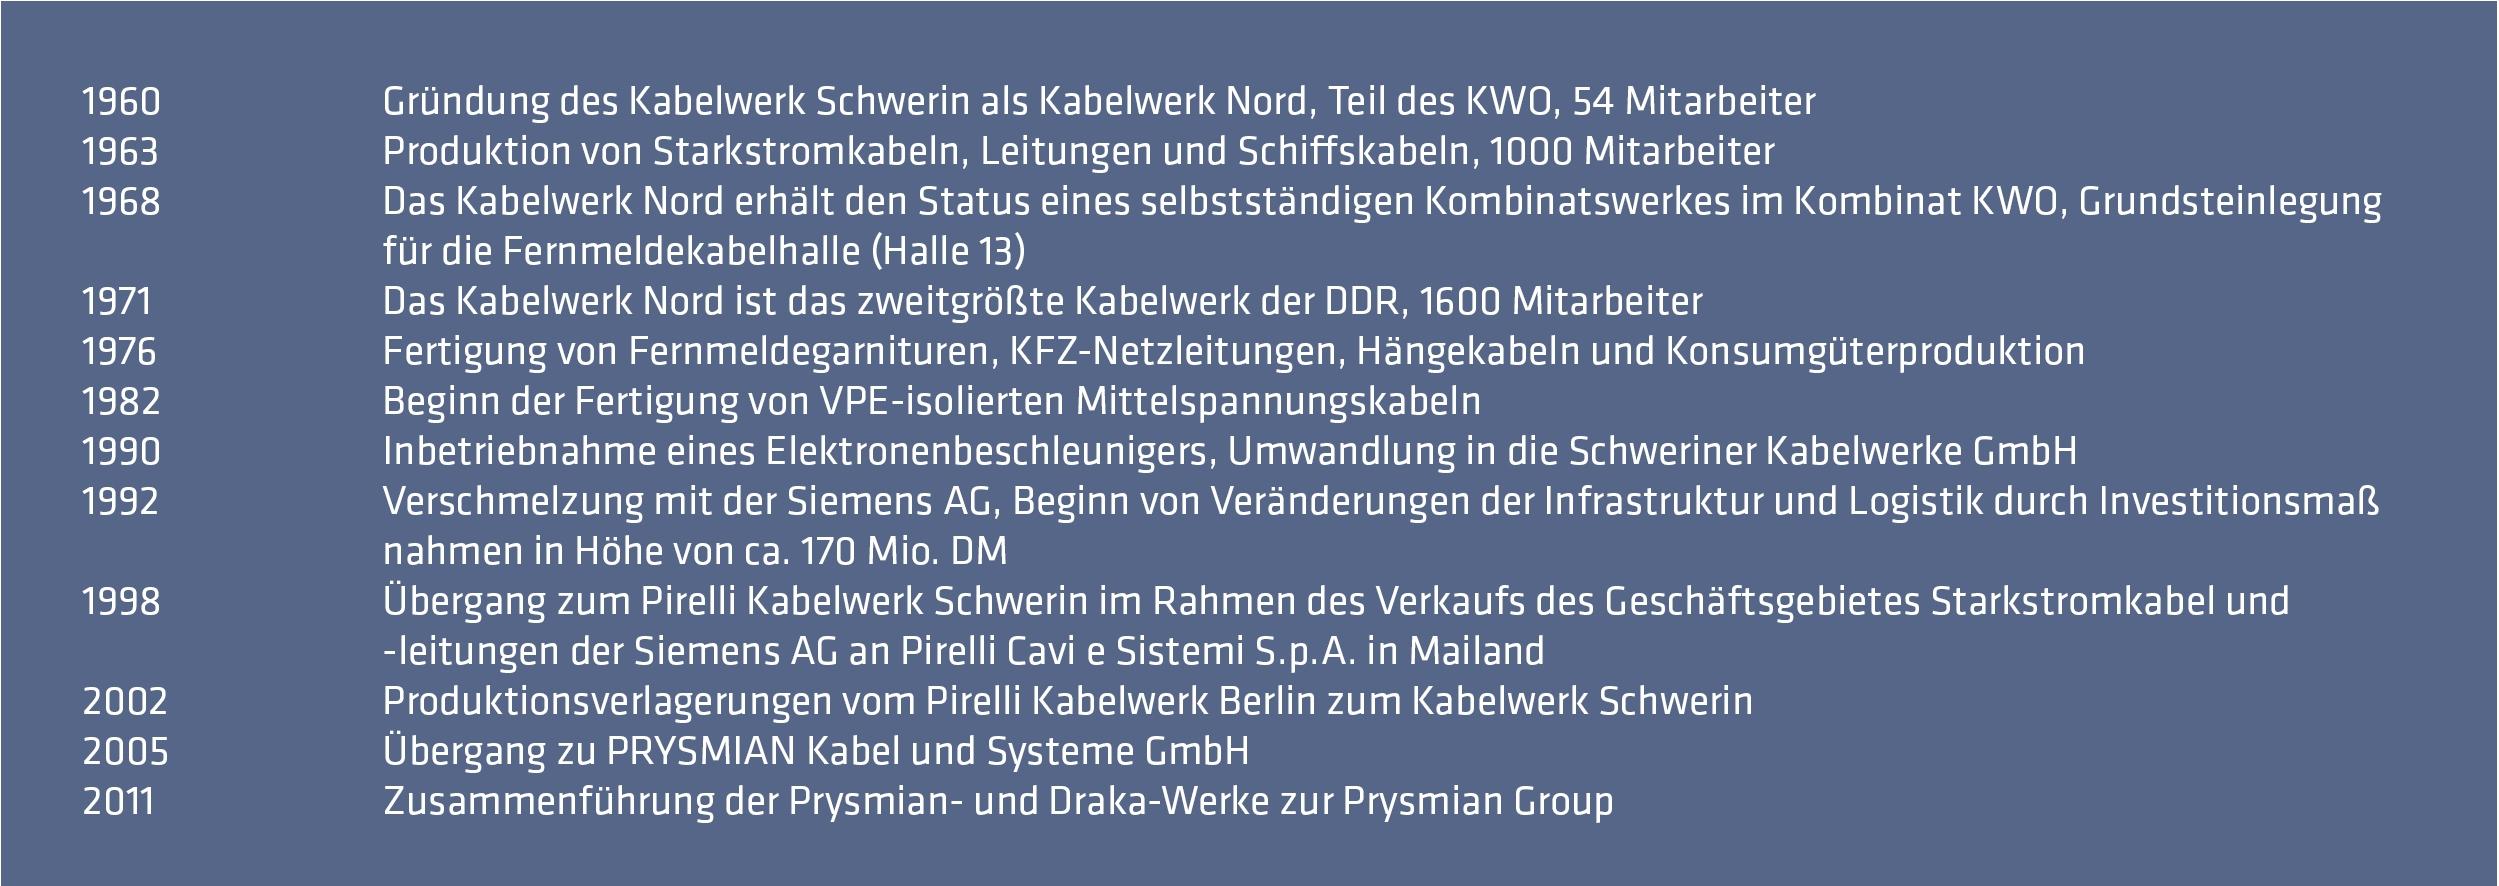 Historische Entwicklung des Standortes Schwerin